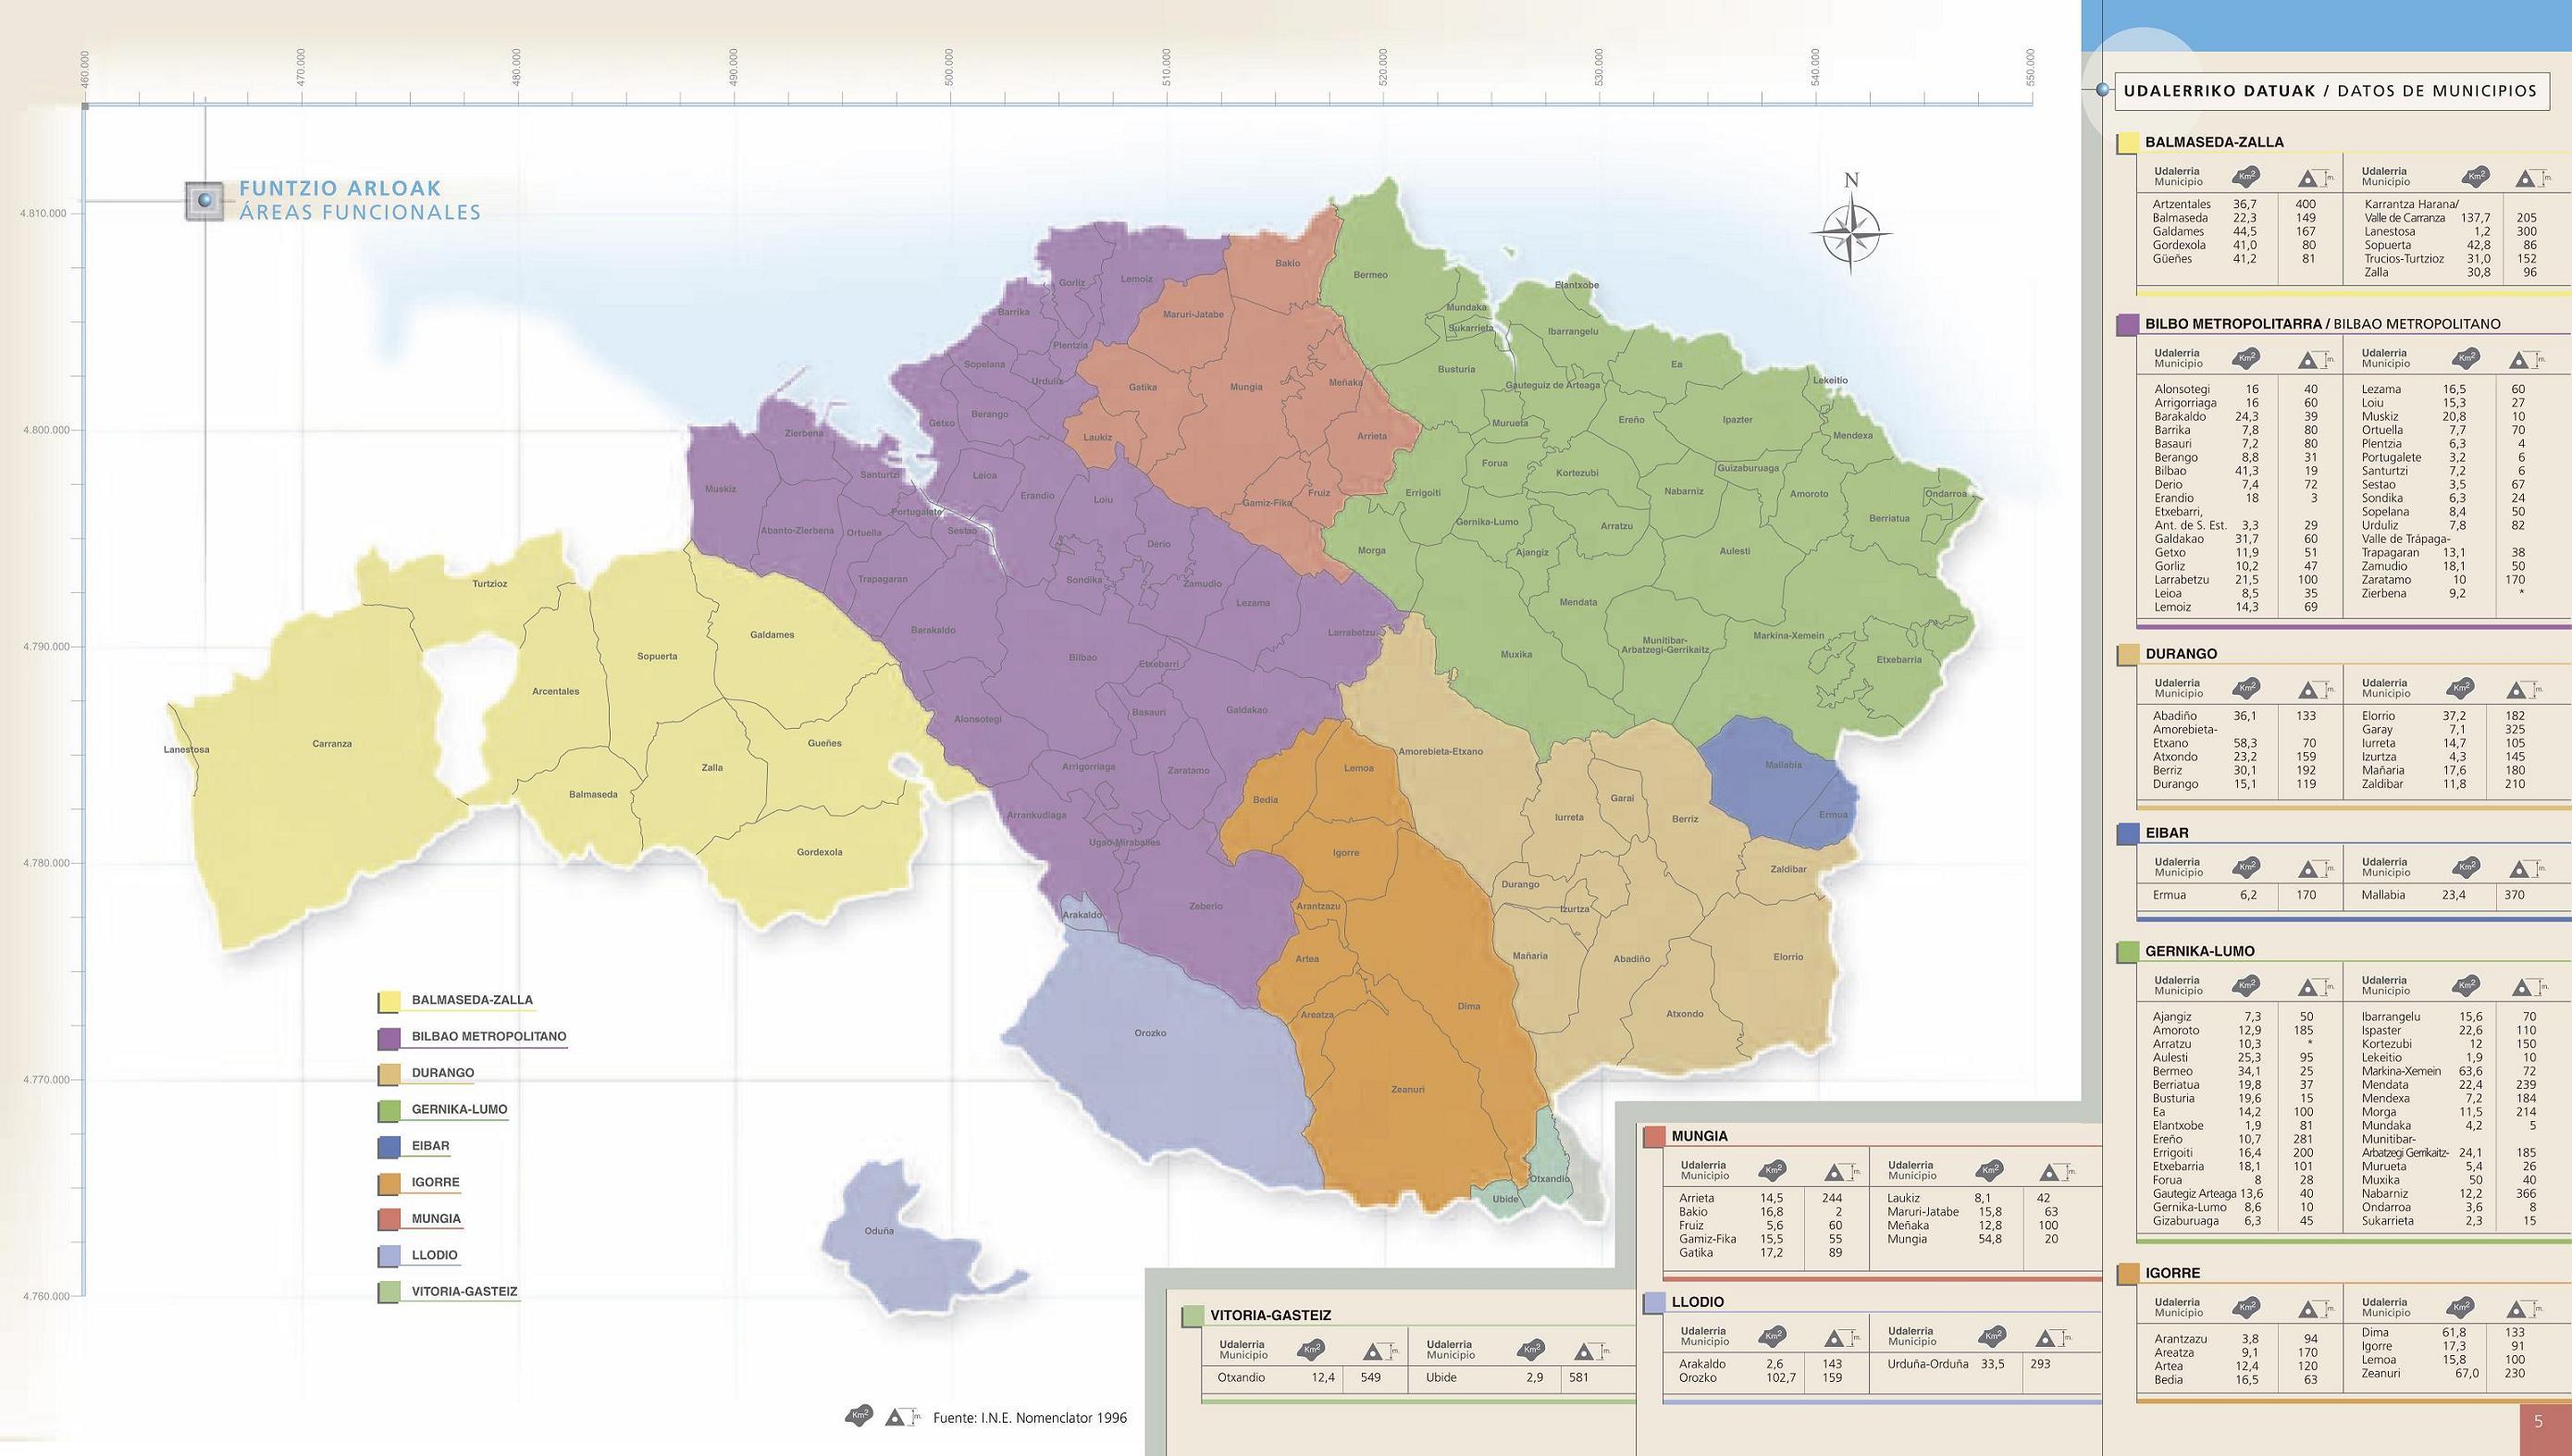 Areas Funcionales de Vizcaya 2004